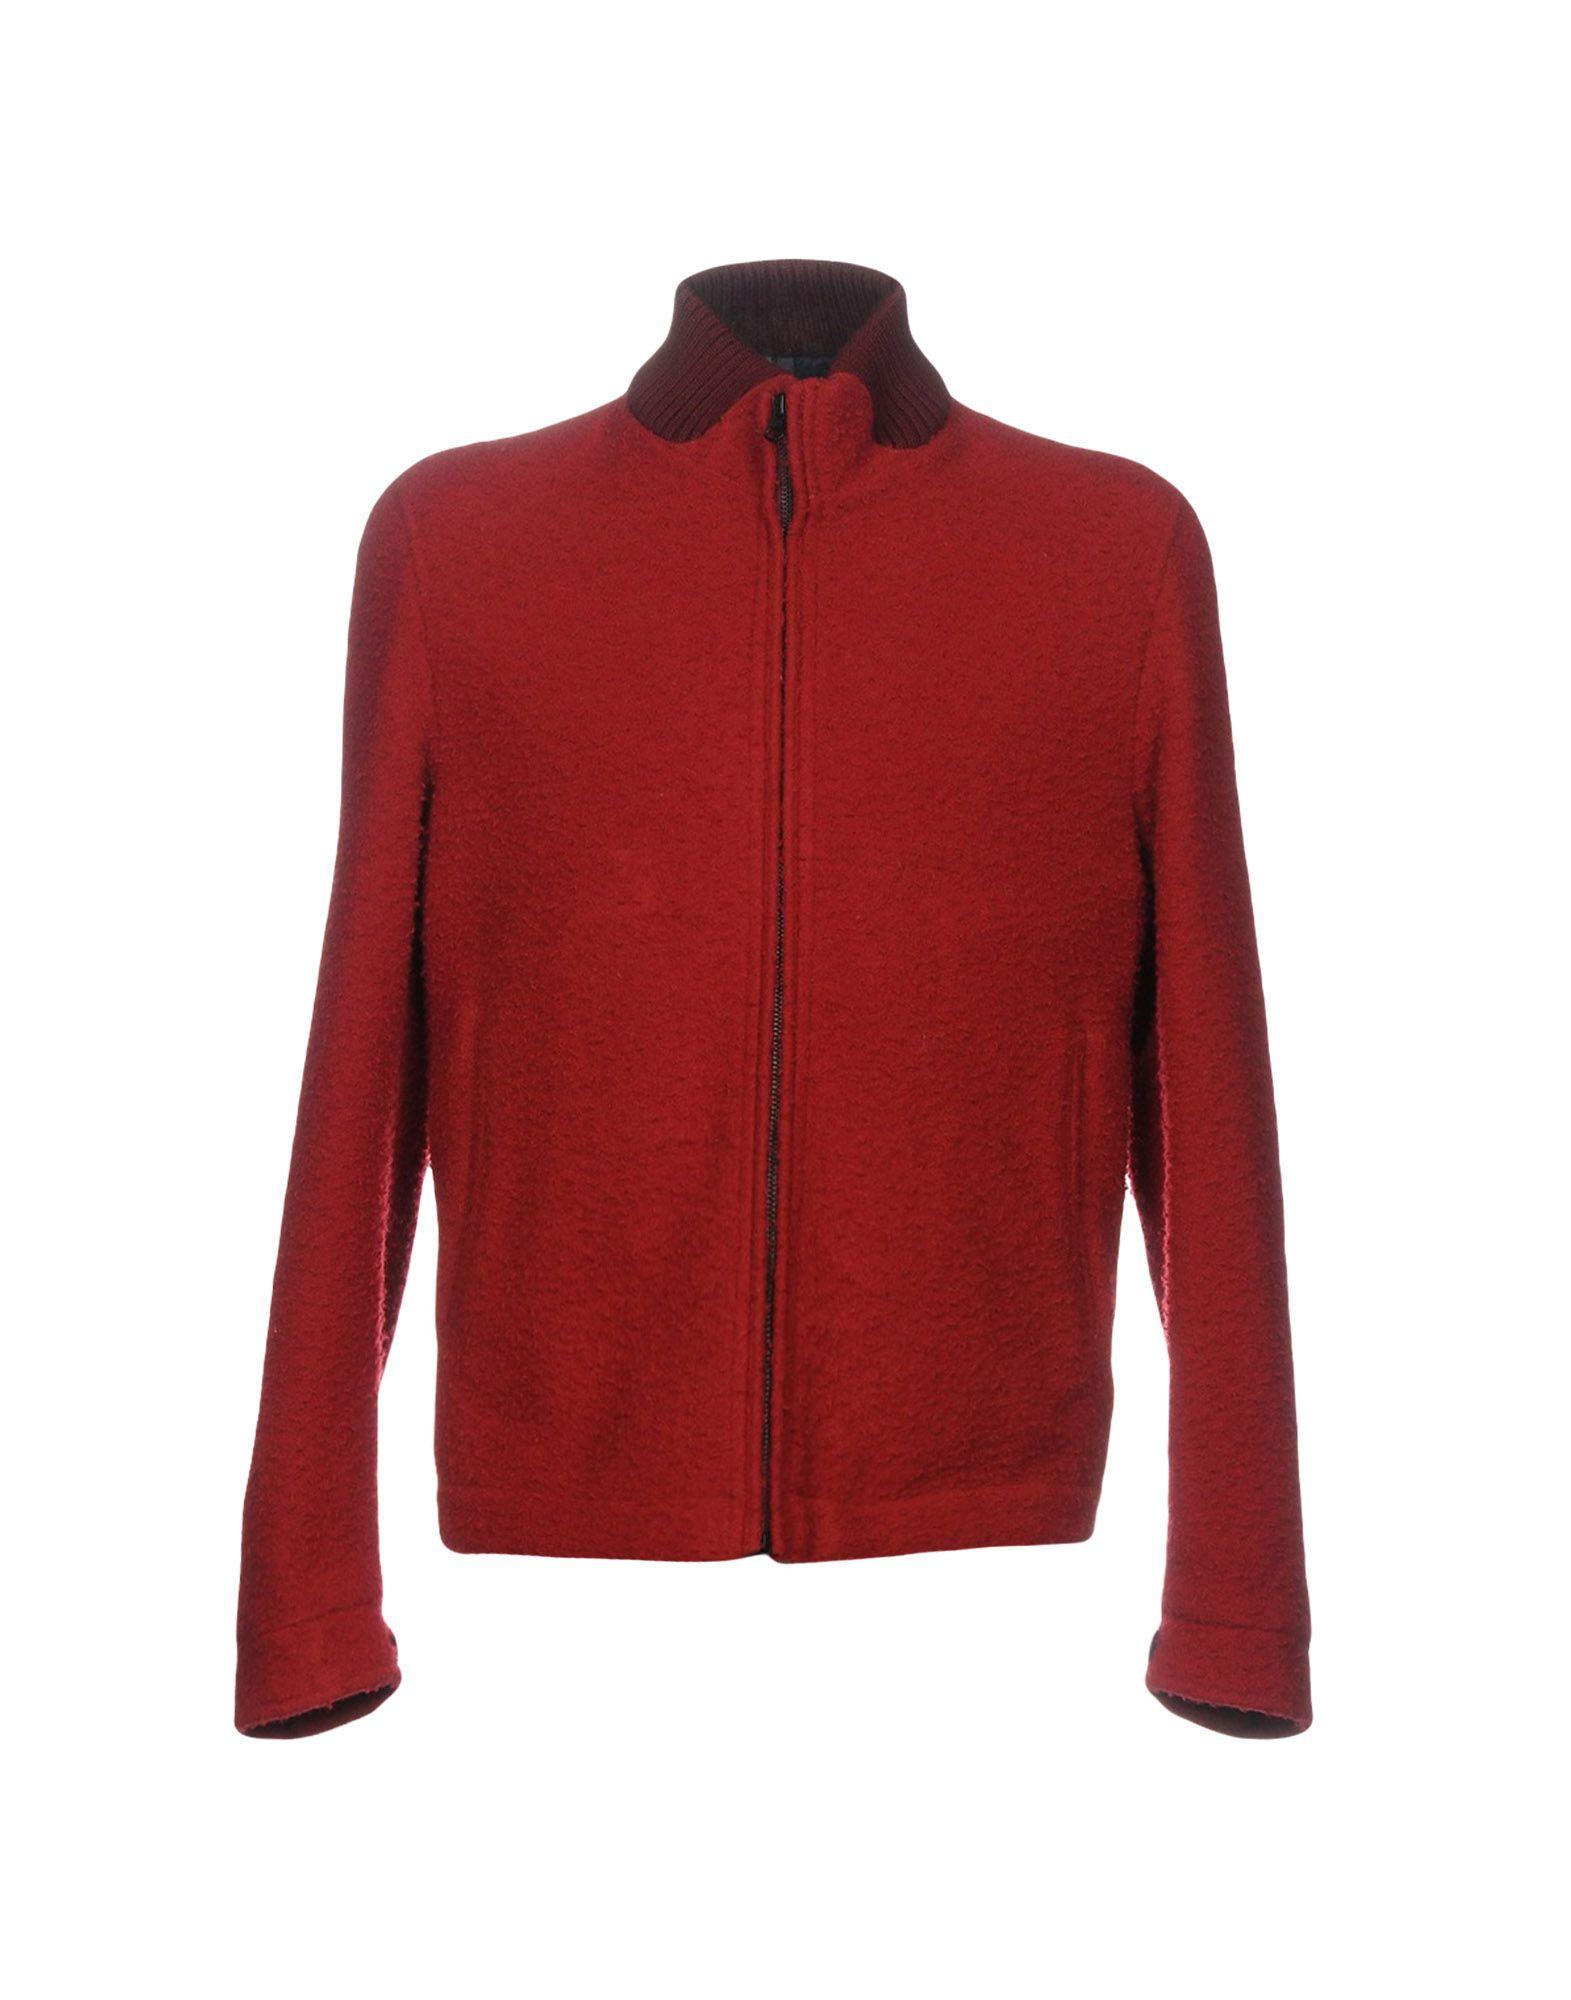 MONTEDORO Jacket in Red